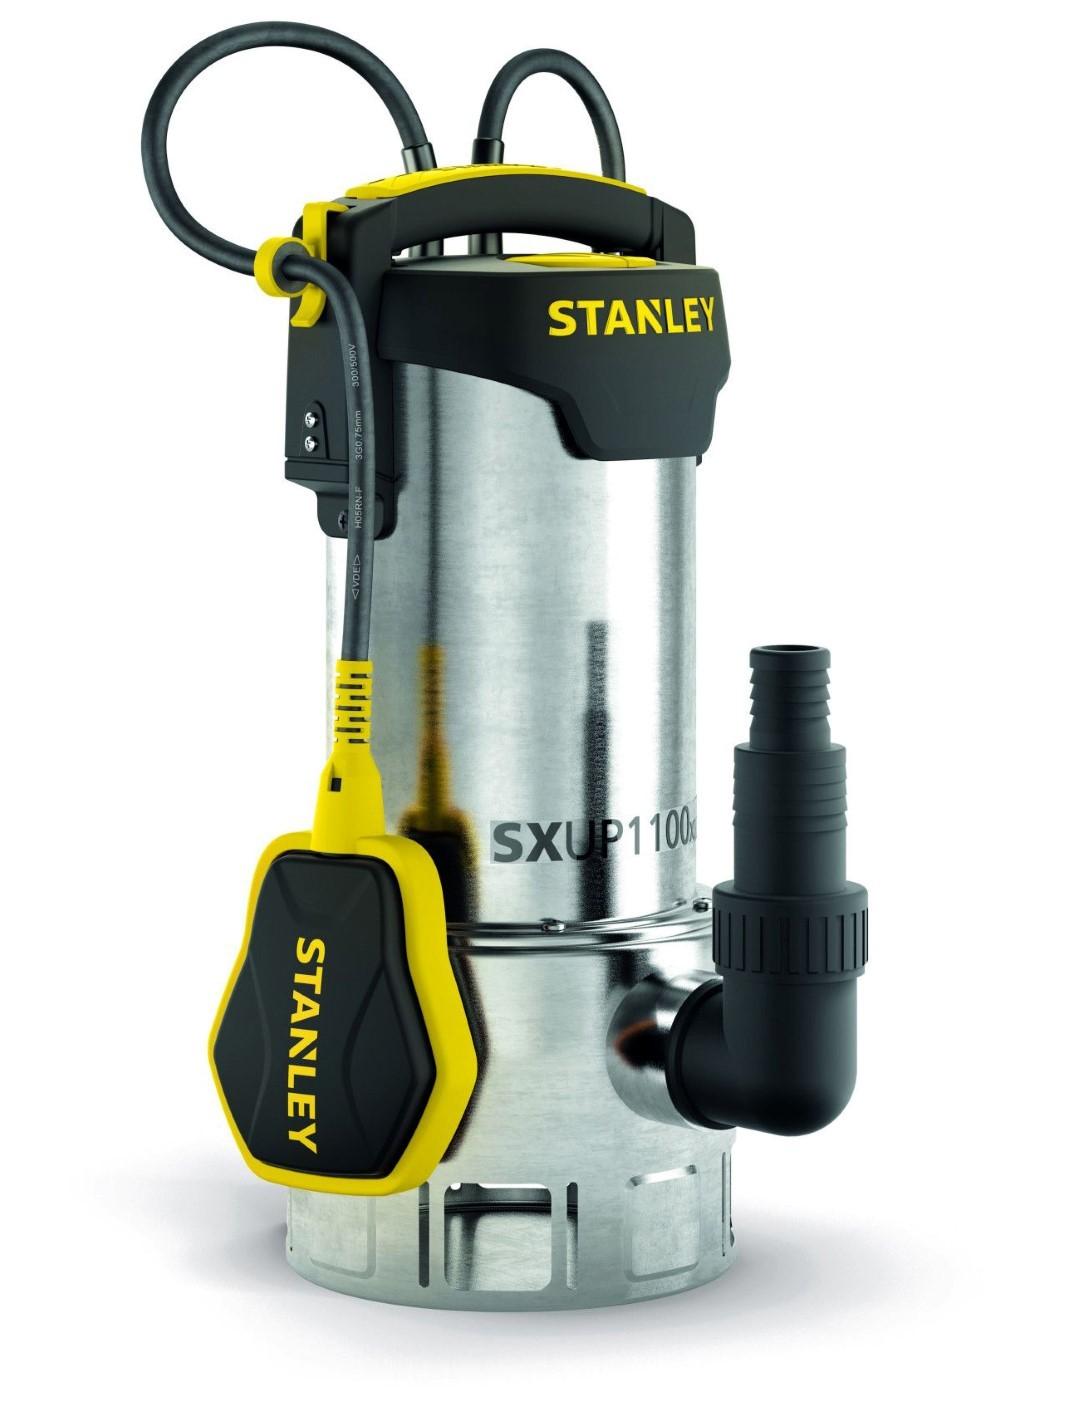 Stanley - dompelpomp - roestvrij staal - vuilwater - 1100 w